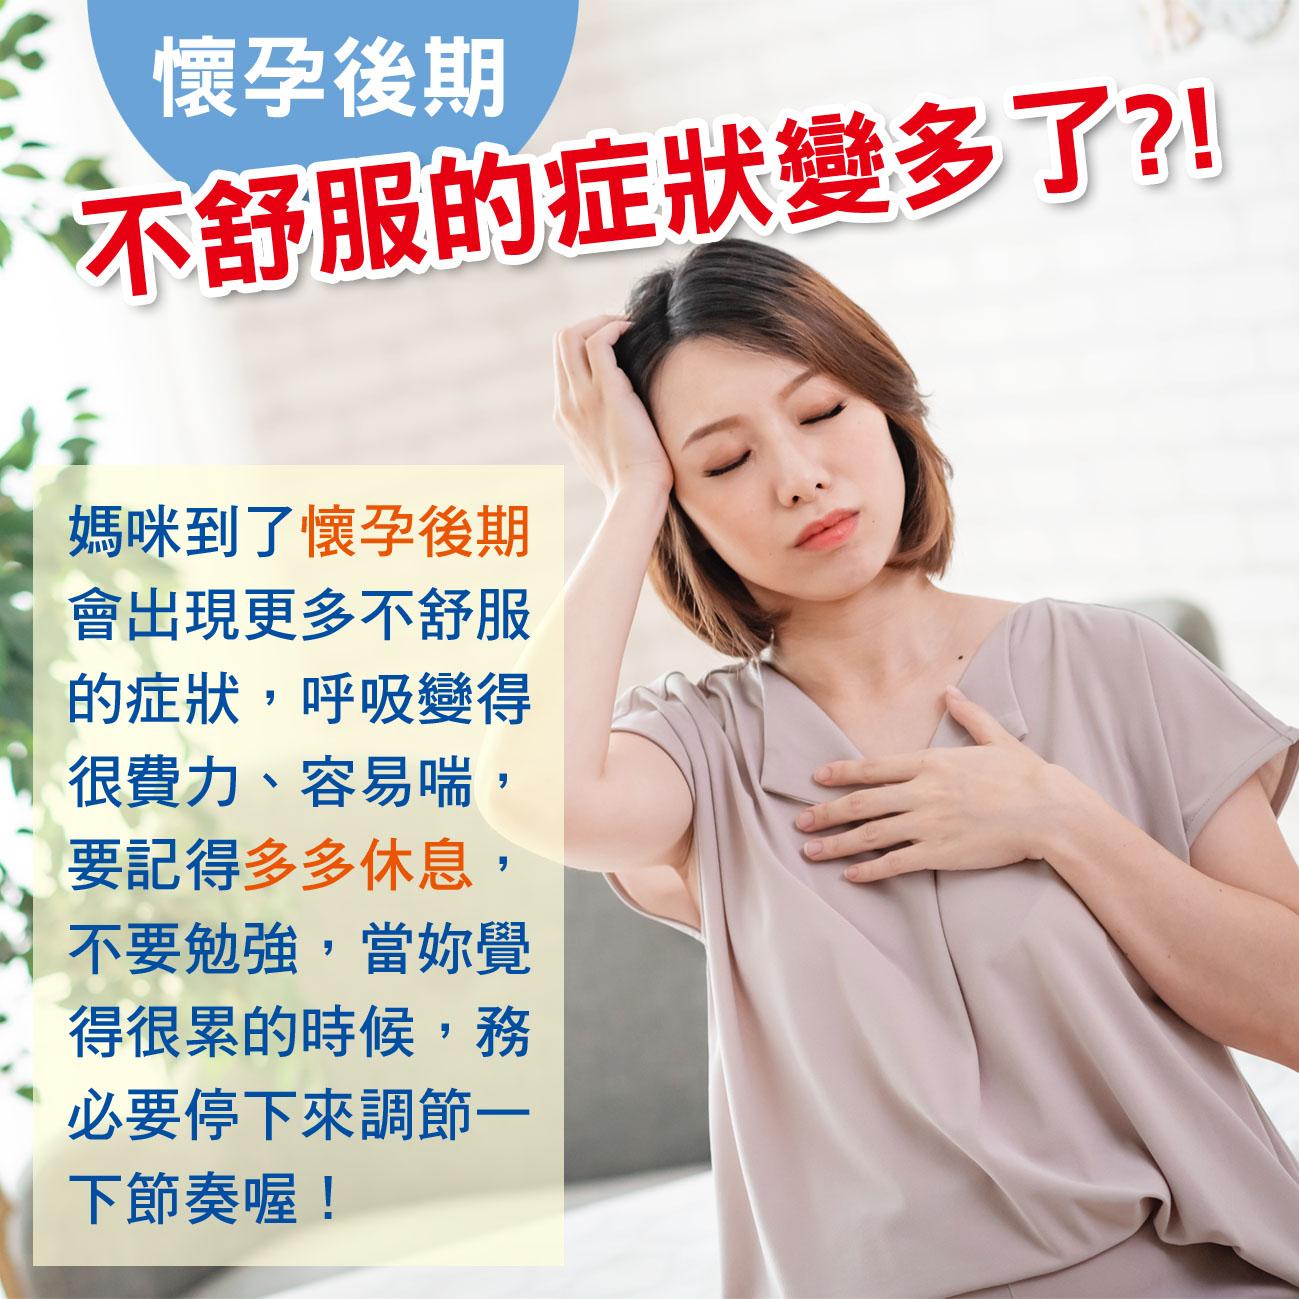 懷孕第30週-懷孕後期 不舒服的症狀變多了?!